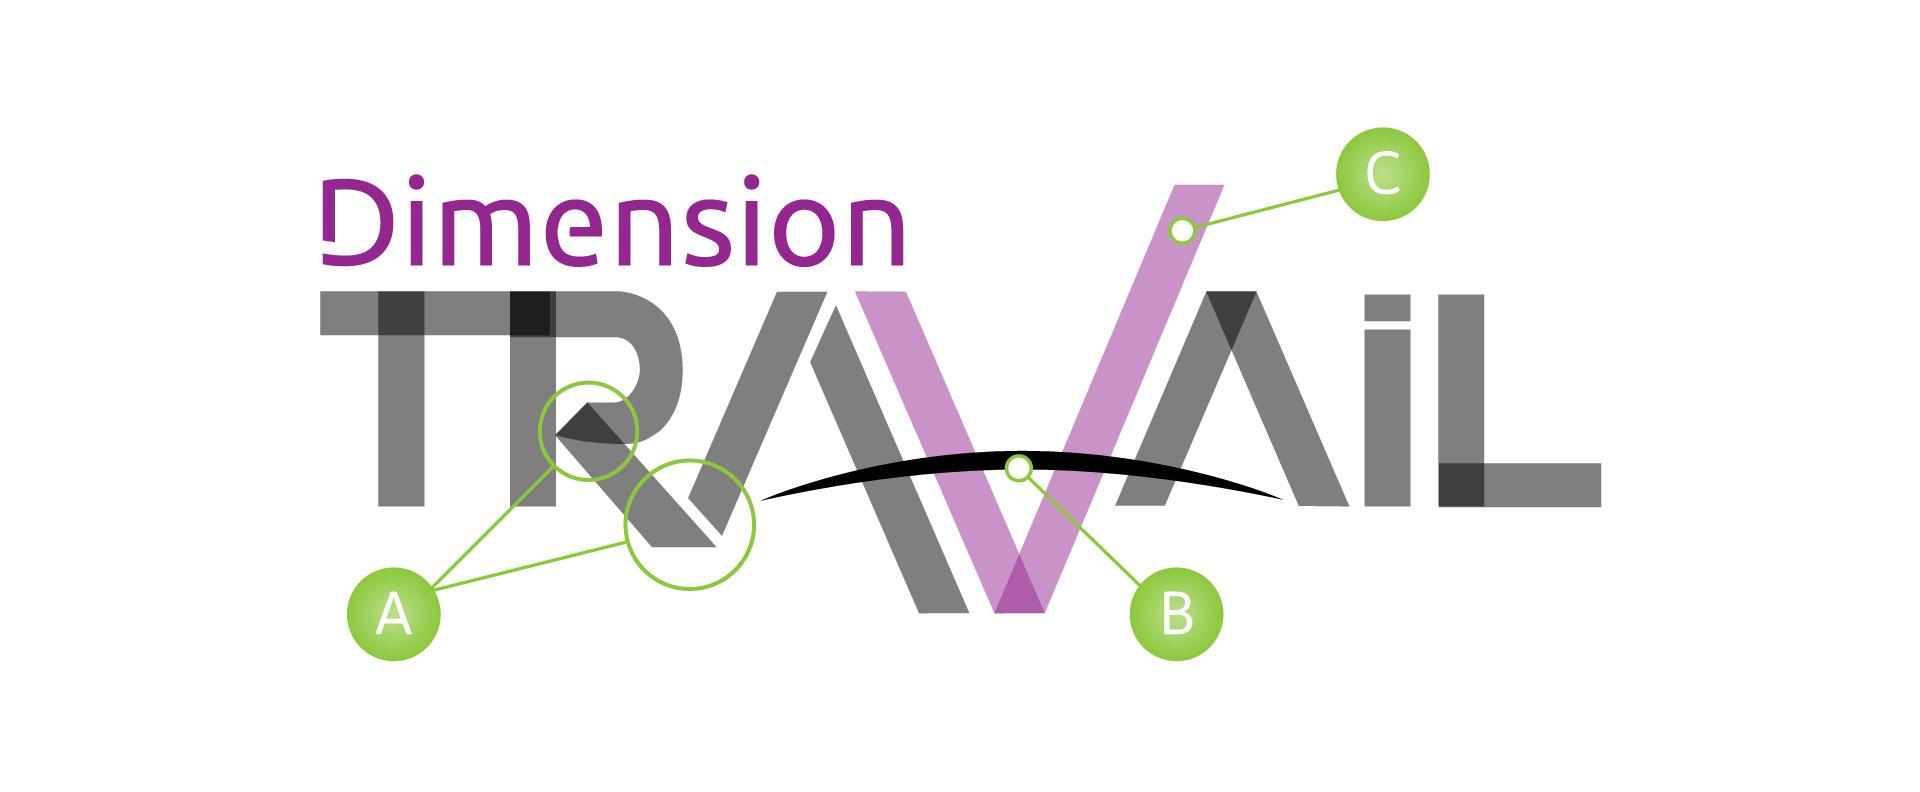 Dimension Travail Logo